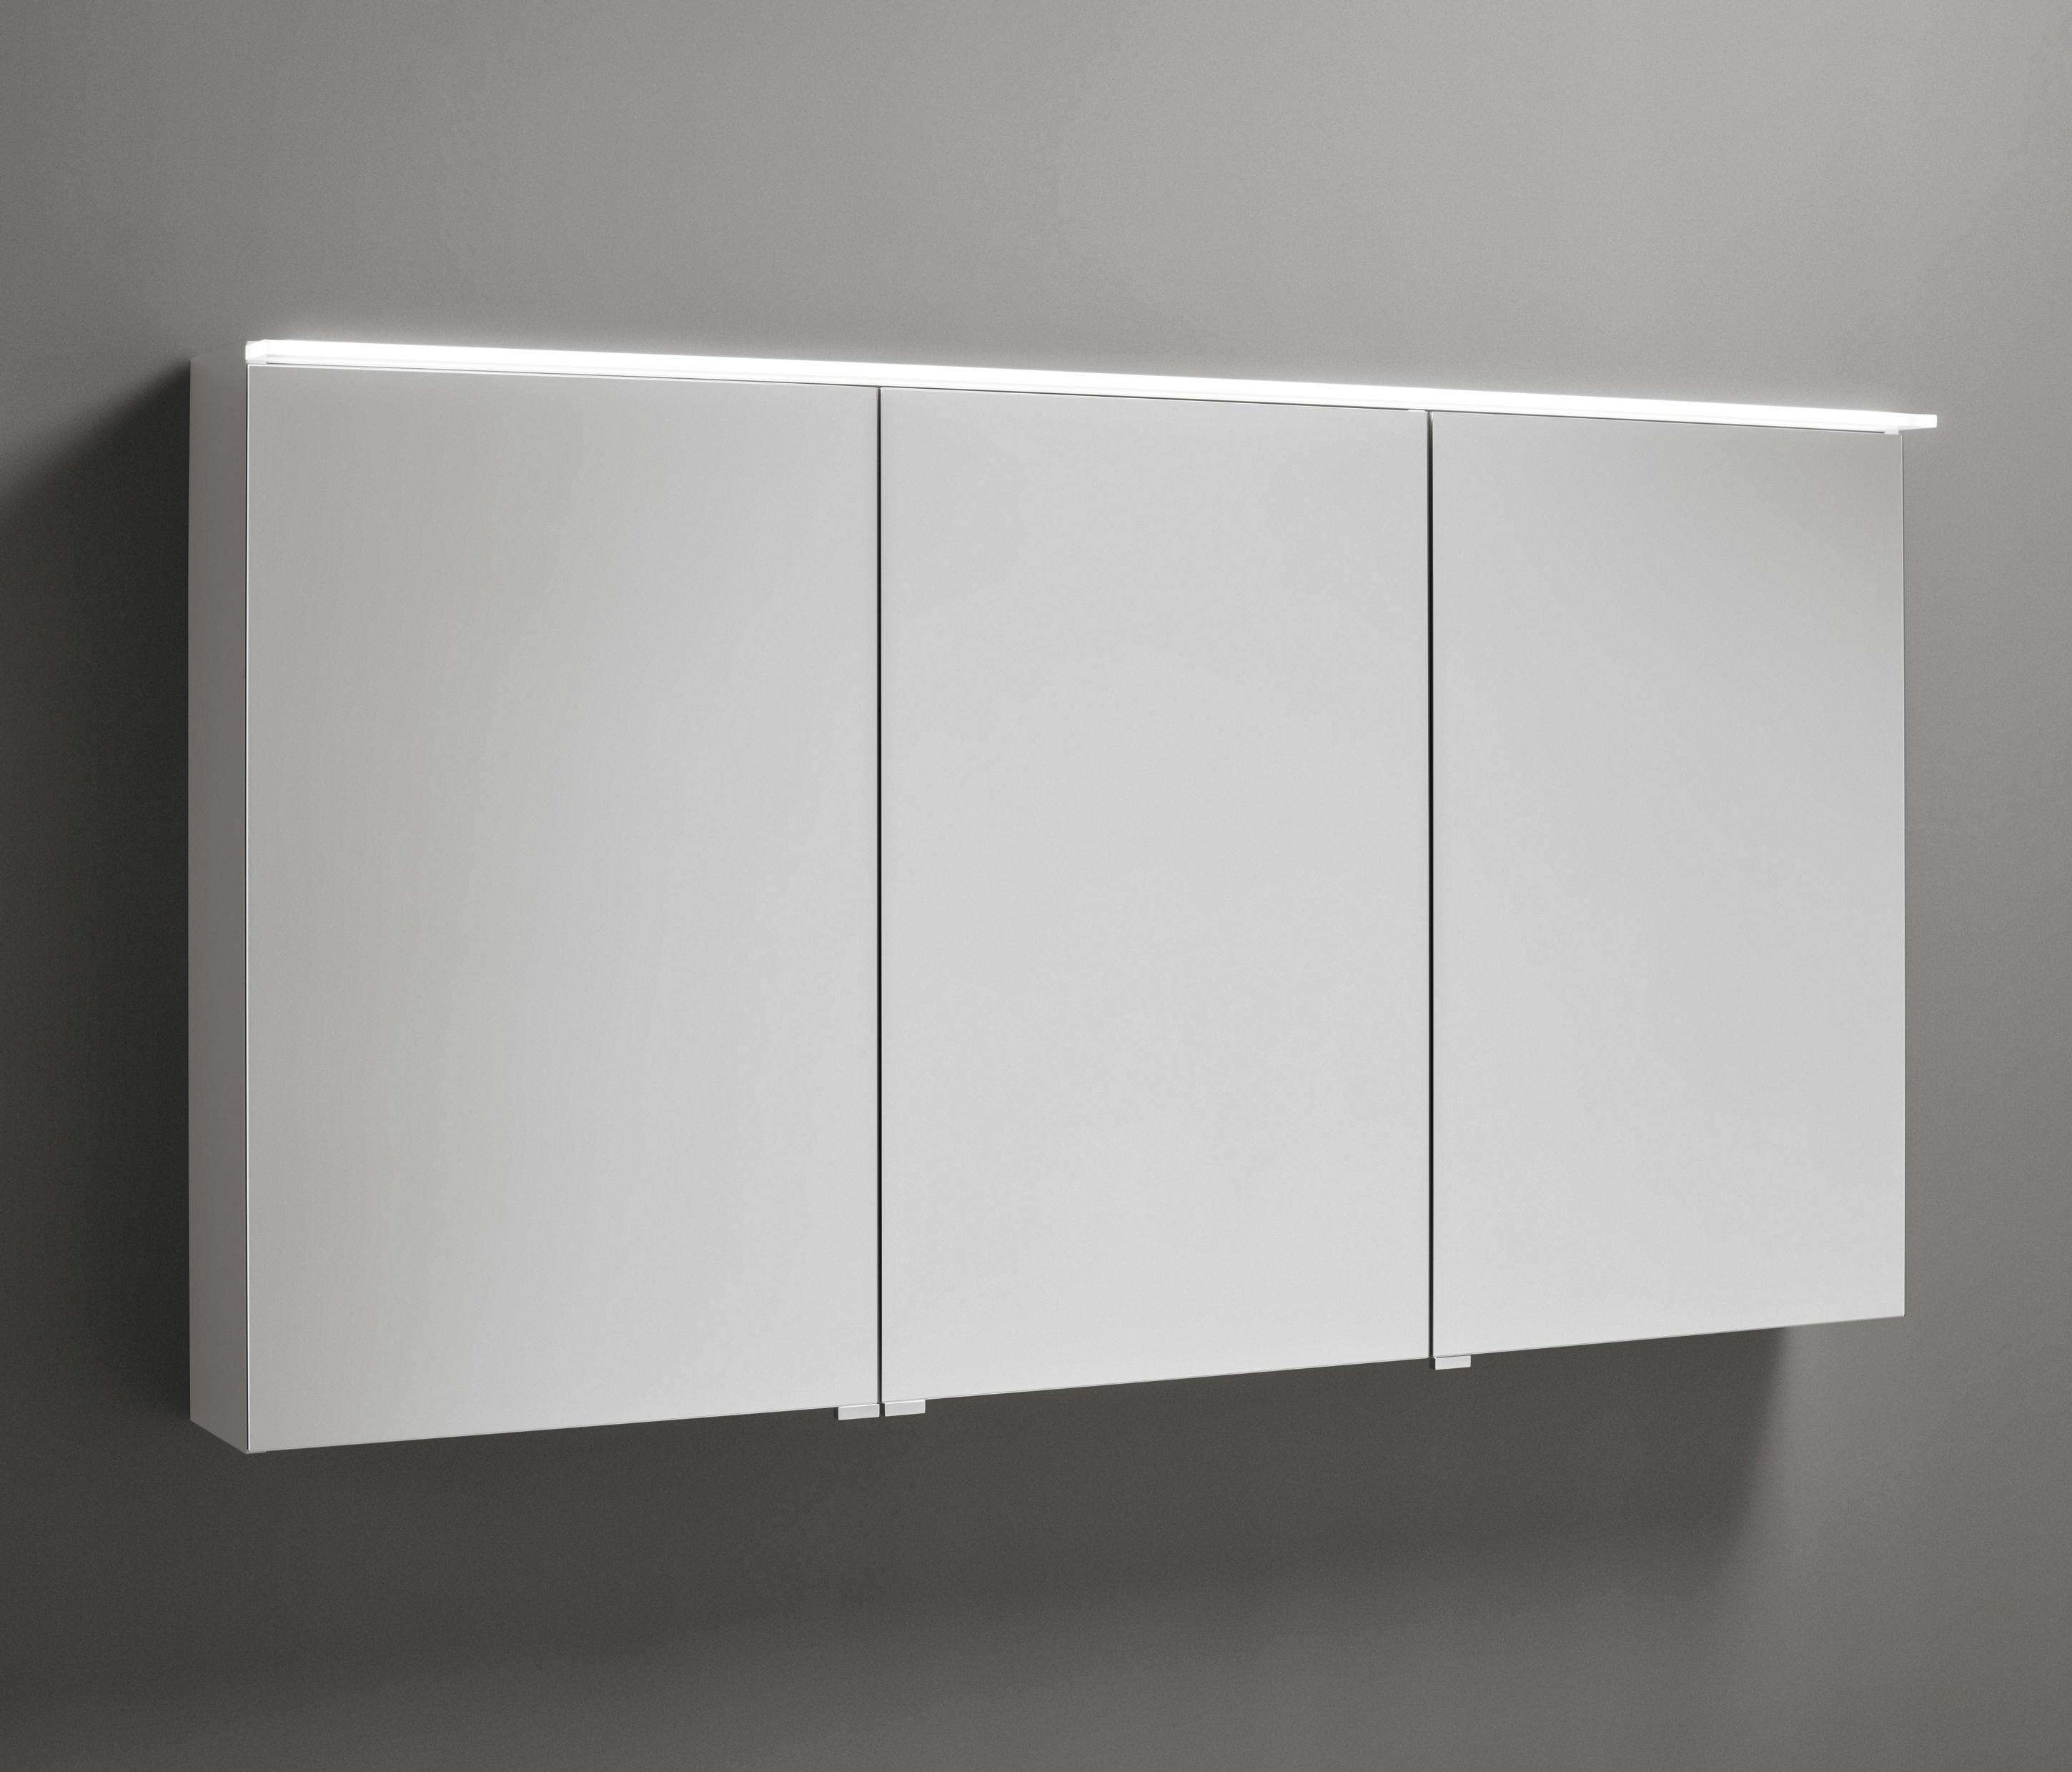 Armoire de toilette miroir avec eclairage armoire de for Armoire de toilette miroir avec eclairage